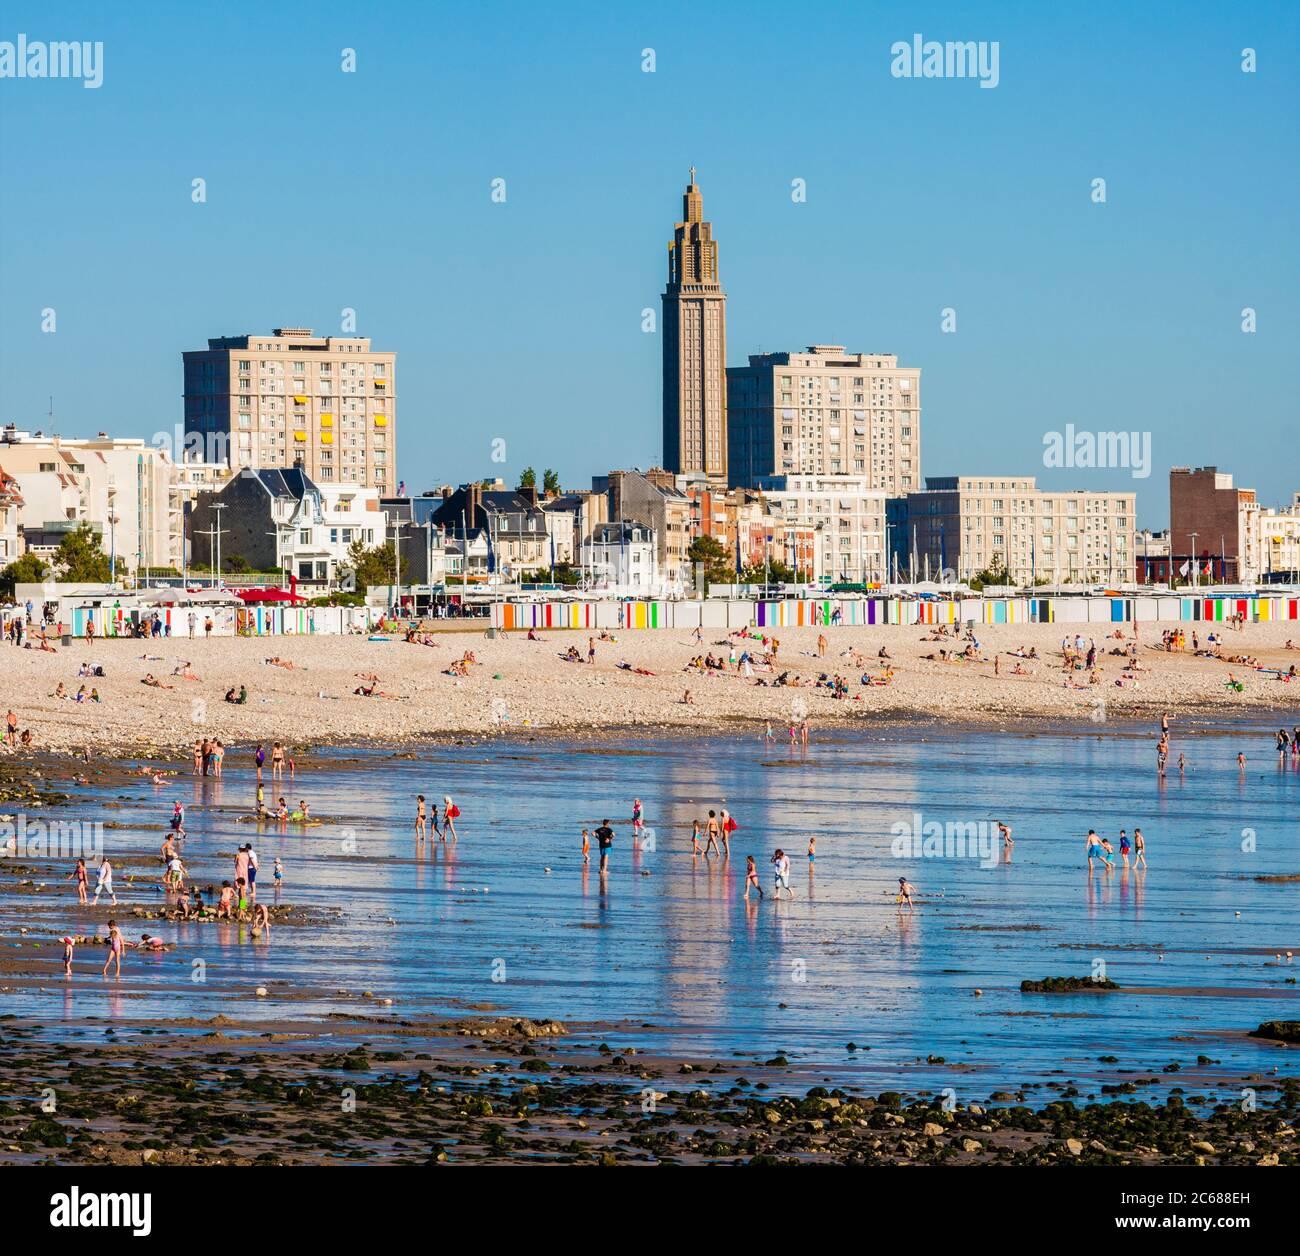 Marée basse à la plage du Havre, Normandie, France Banque D'Images